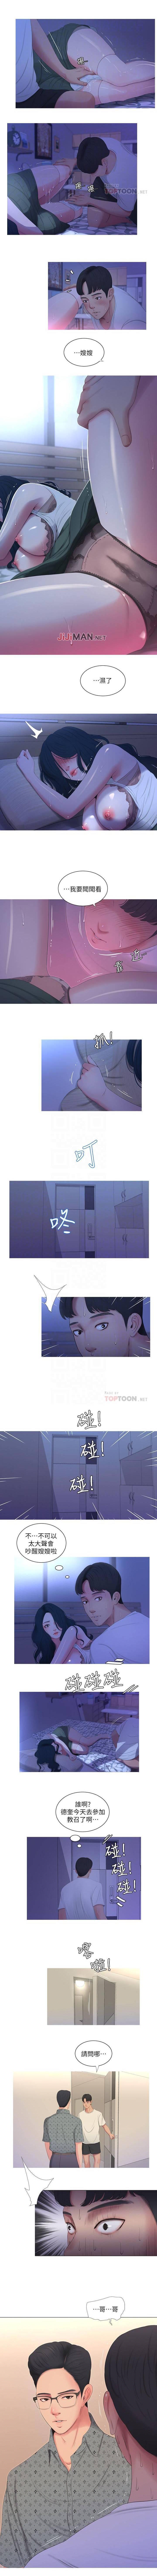 【周四连载】亲家四姐妹(作者:愛摸) 第1~31话 52